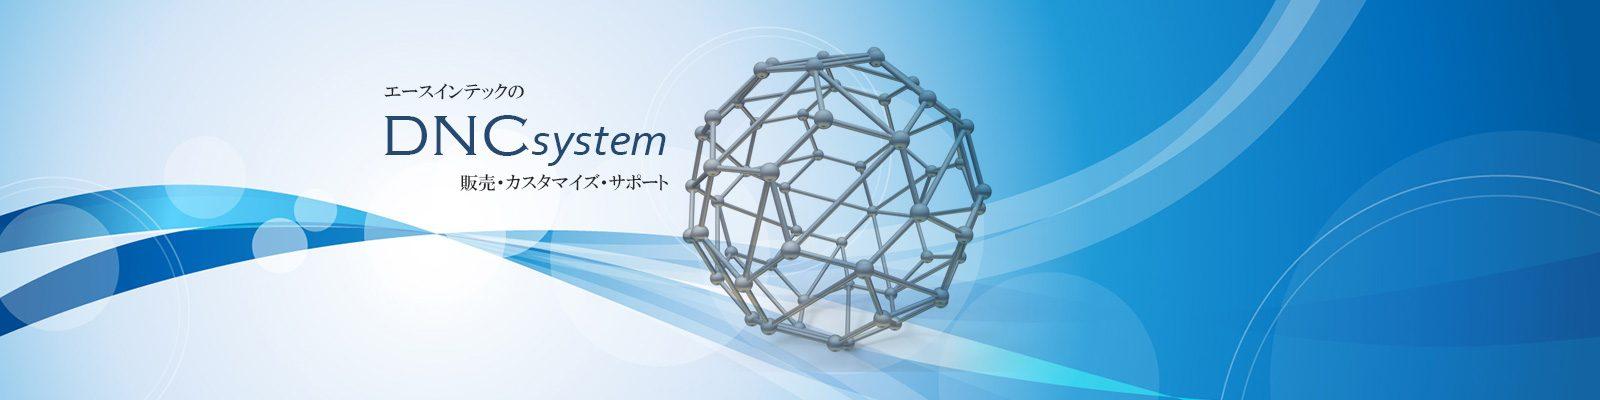 DNCシステム/稼働収集システム/エース・インテック